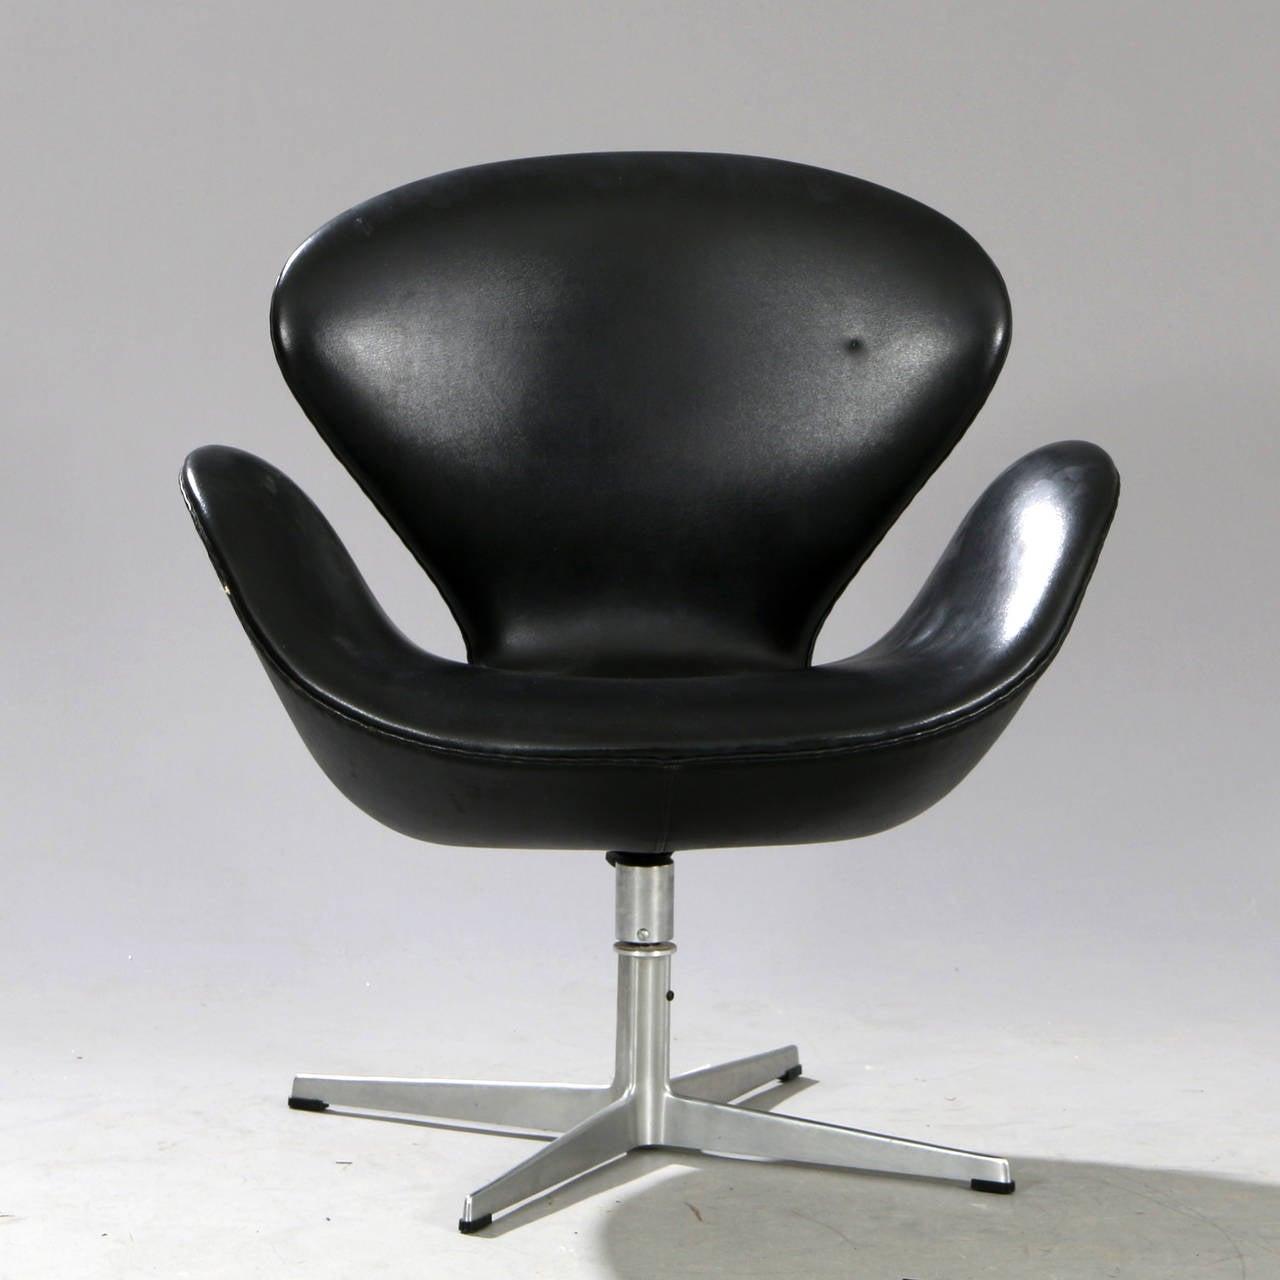 Swan chair jacobsen - Arne Jacobsen Swan Chair In Original Black Vinyl 3